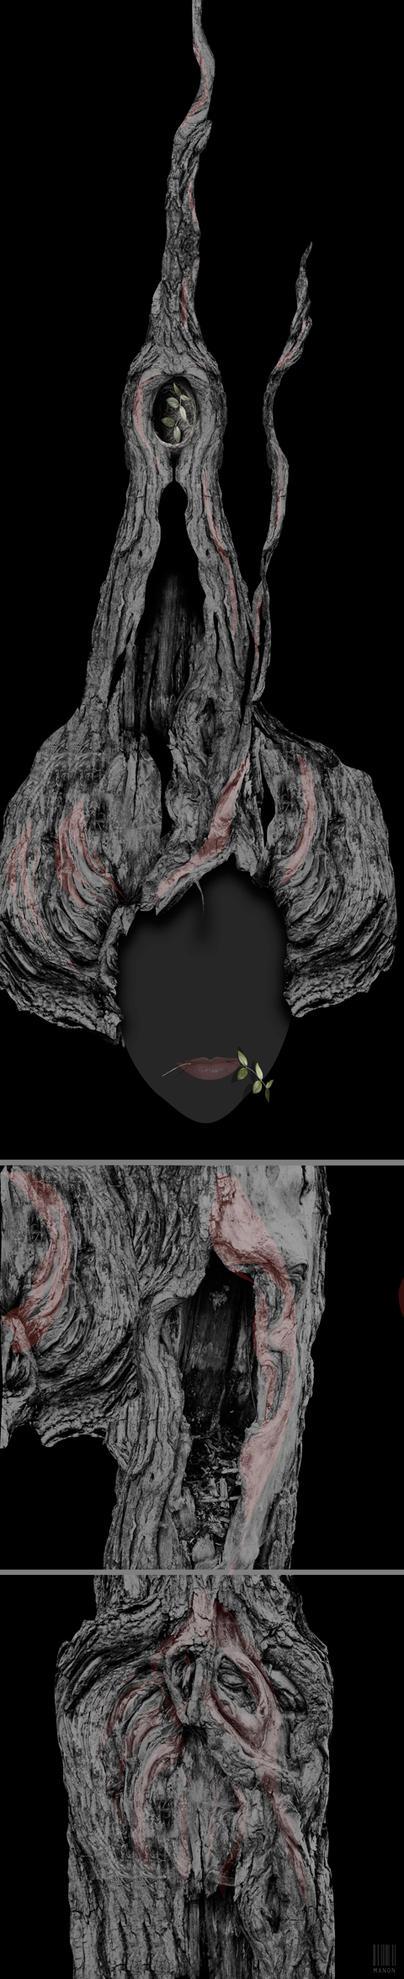 Scoarta umana 01 by bymano